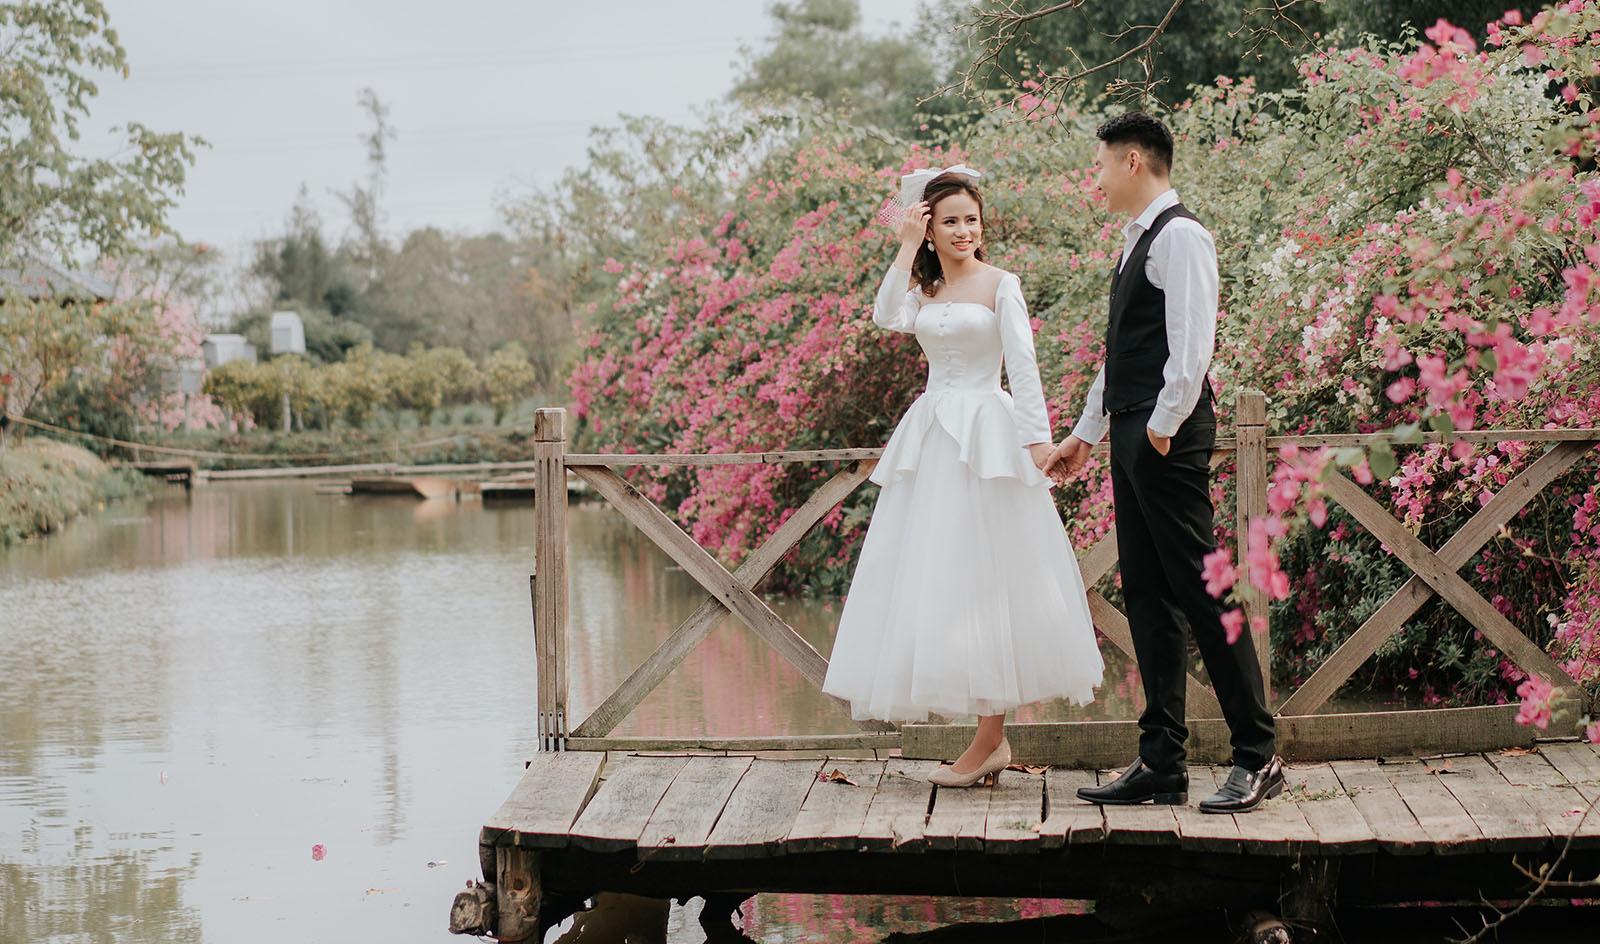 Mách bạn kinh nghiệm chụp ảnh cưới tiết kiệm mà vẫn đẹp ưng ý